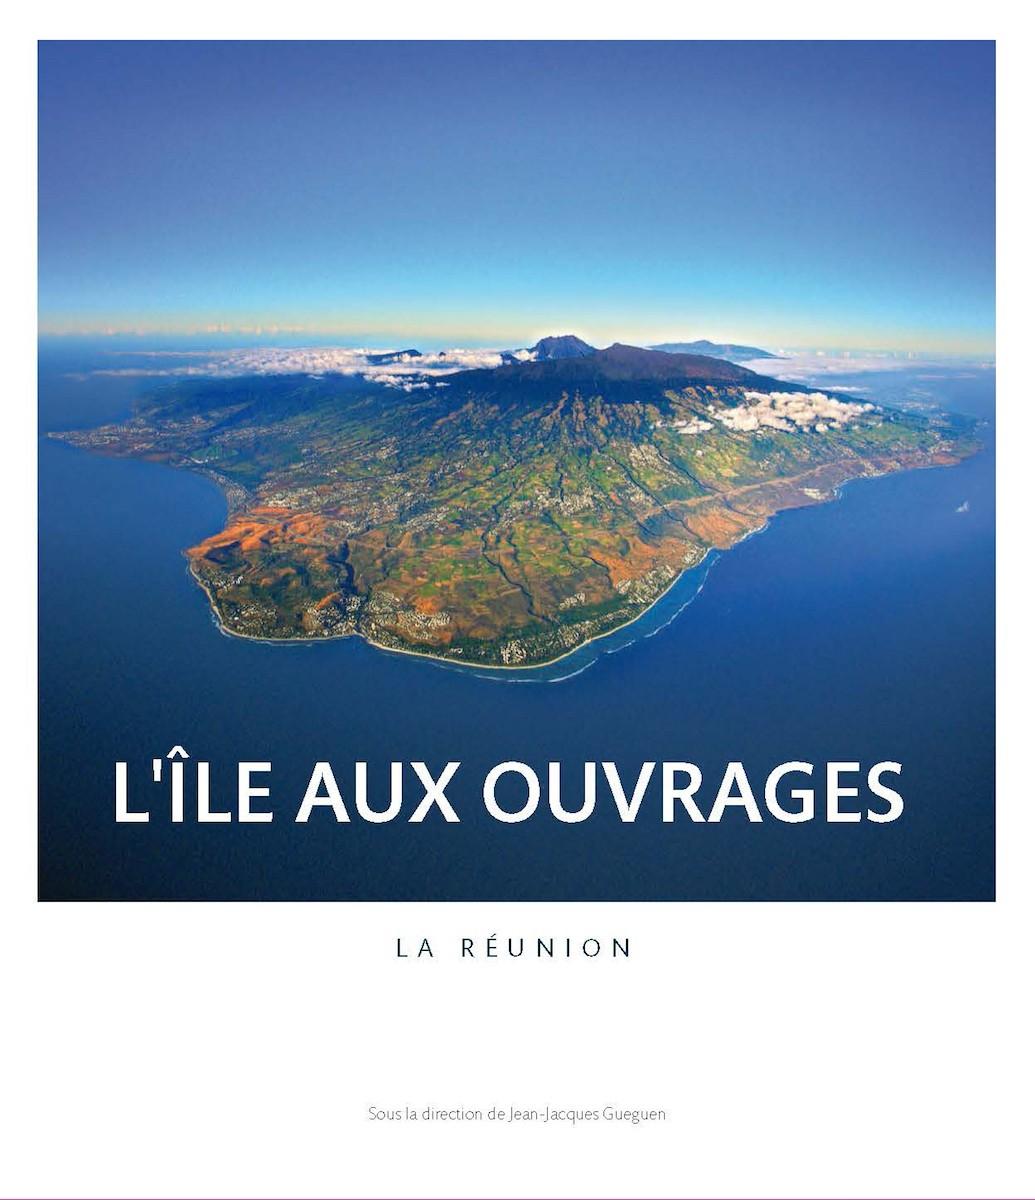 L'île aux ouvrages : La Réunion